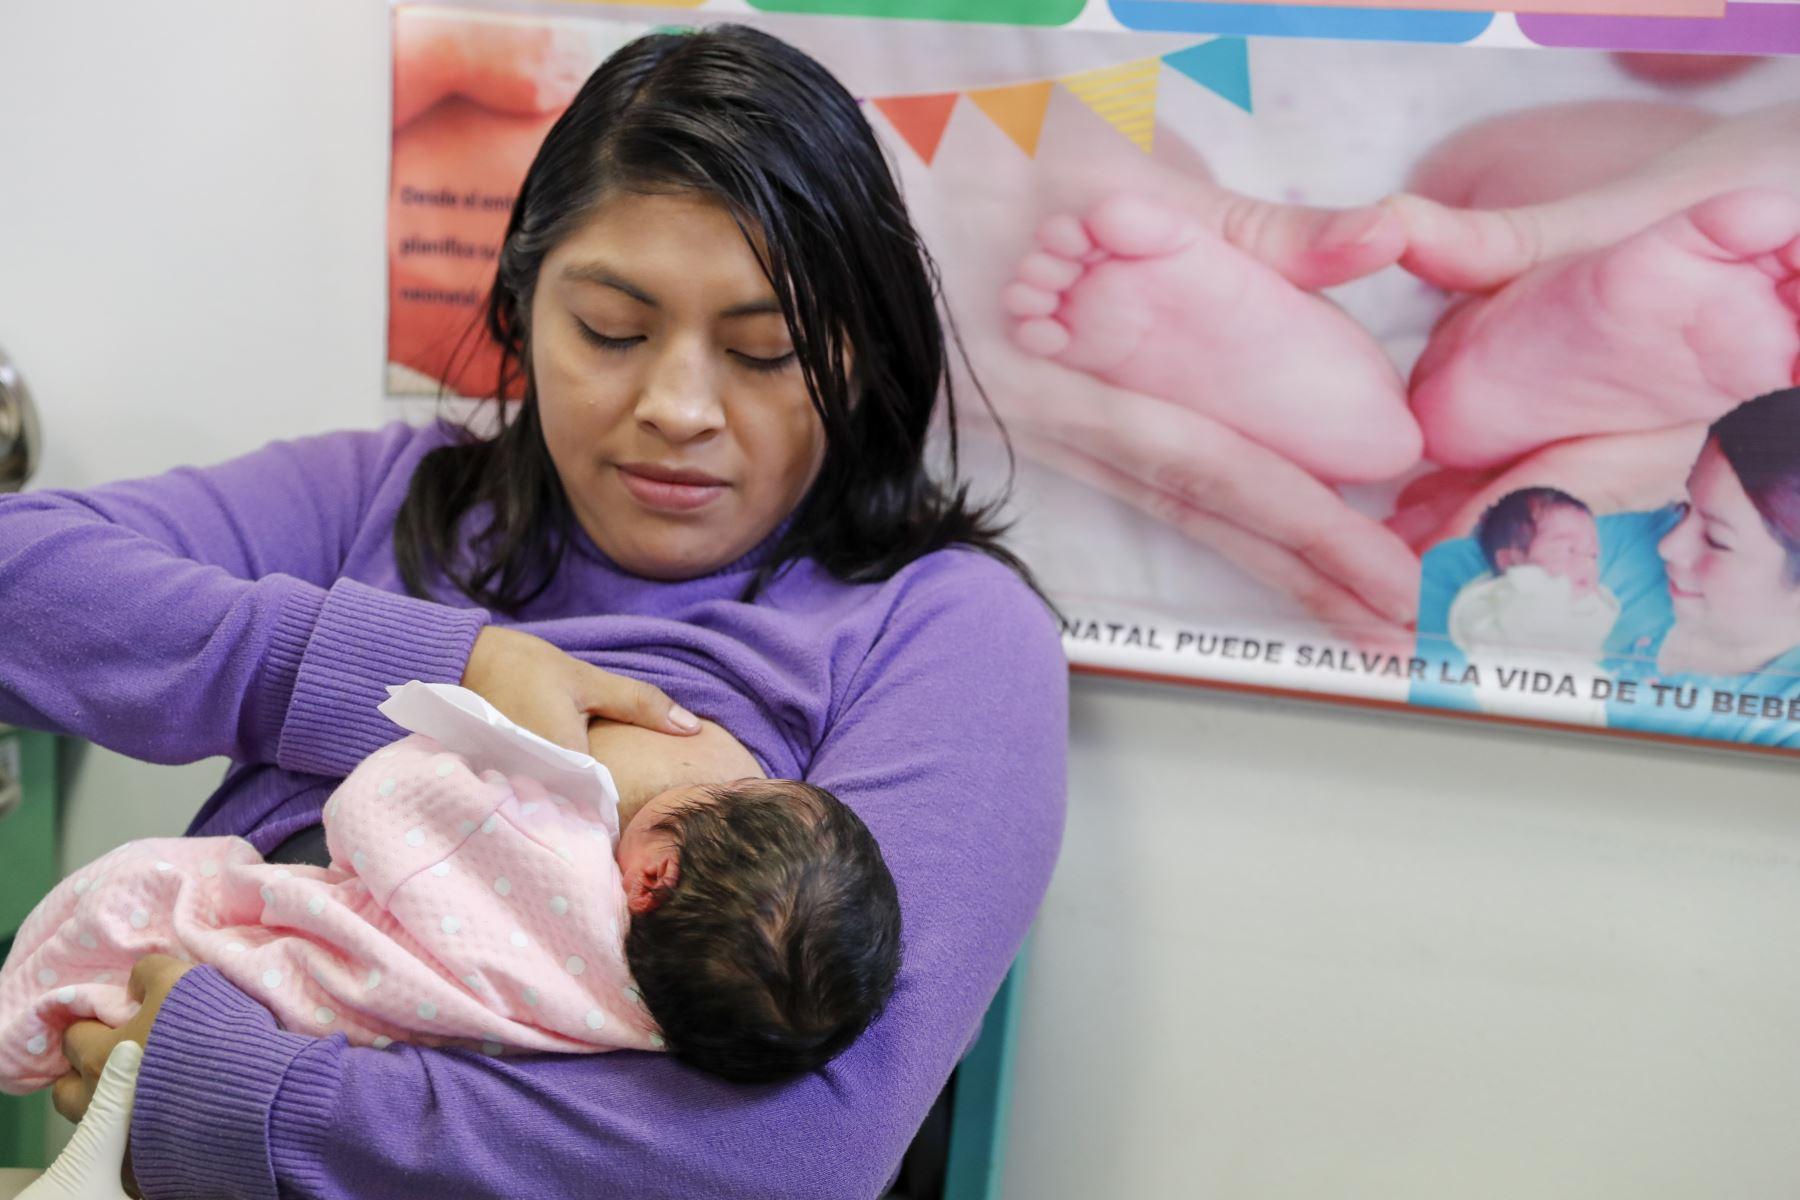 """La primera dama de la Nación, Maribel Díaz, participó en el lanzamiento de la Semana Nacional de la Lactancia Materna, realizado en el Centro de Salud Materno Infantil Perú – Corea """"Santa Luzmila II"""", ubicado en el distrito de Comas. Foto: ANDINA/Prensa Presidencia"""